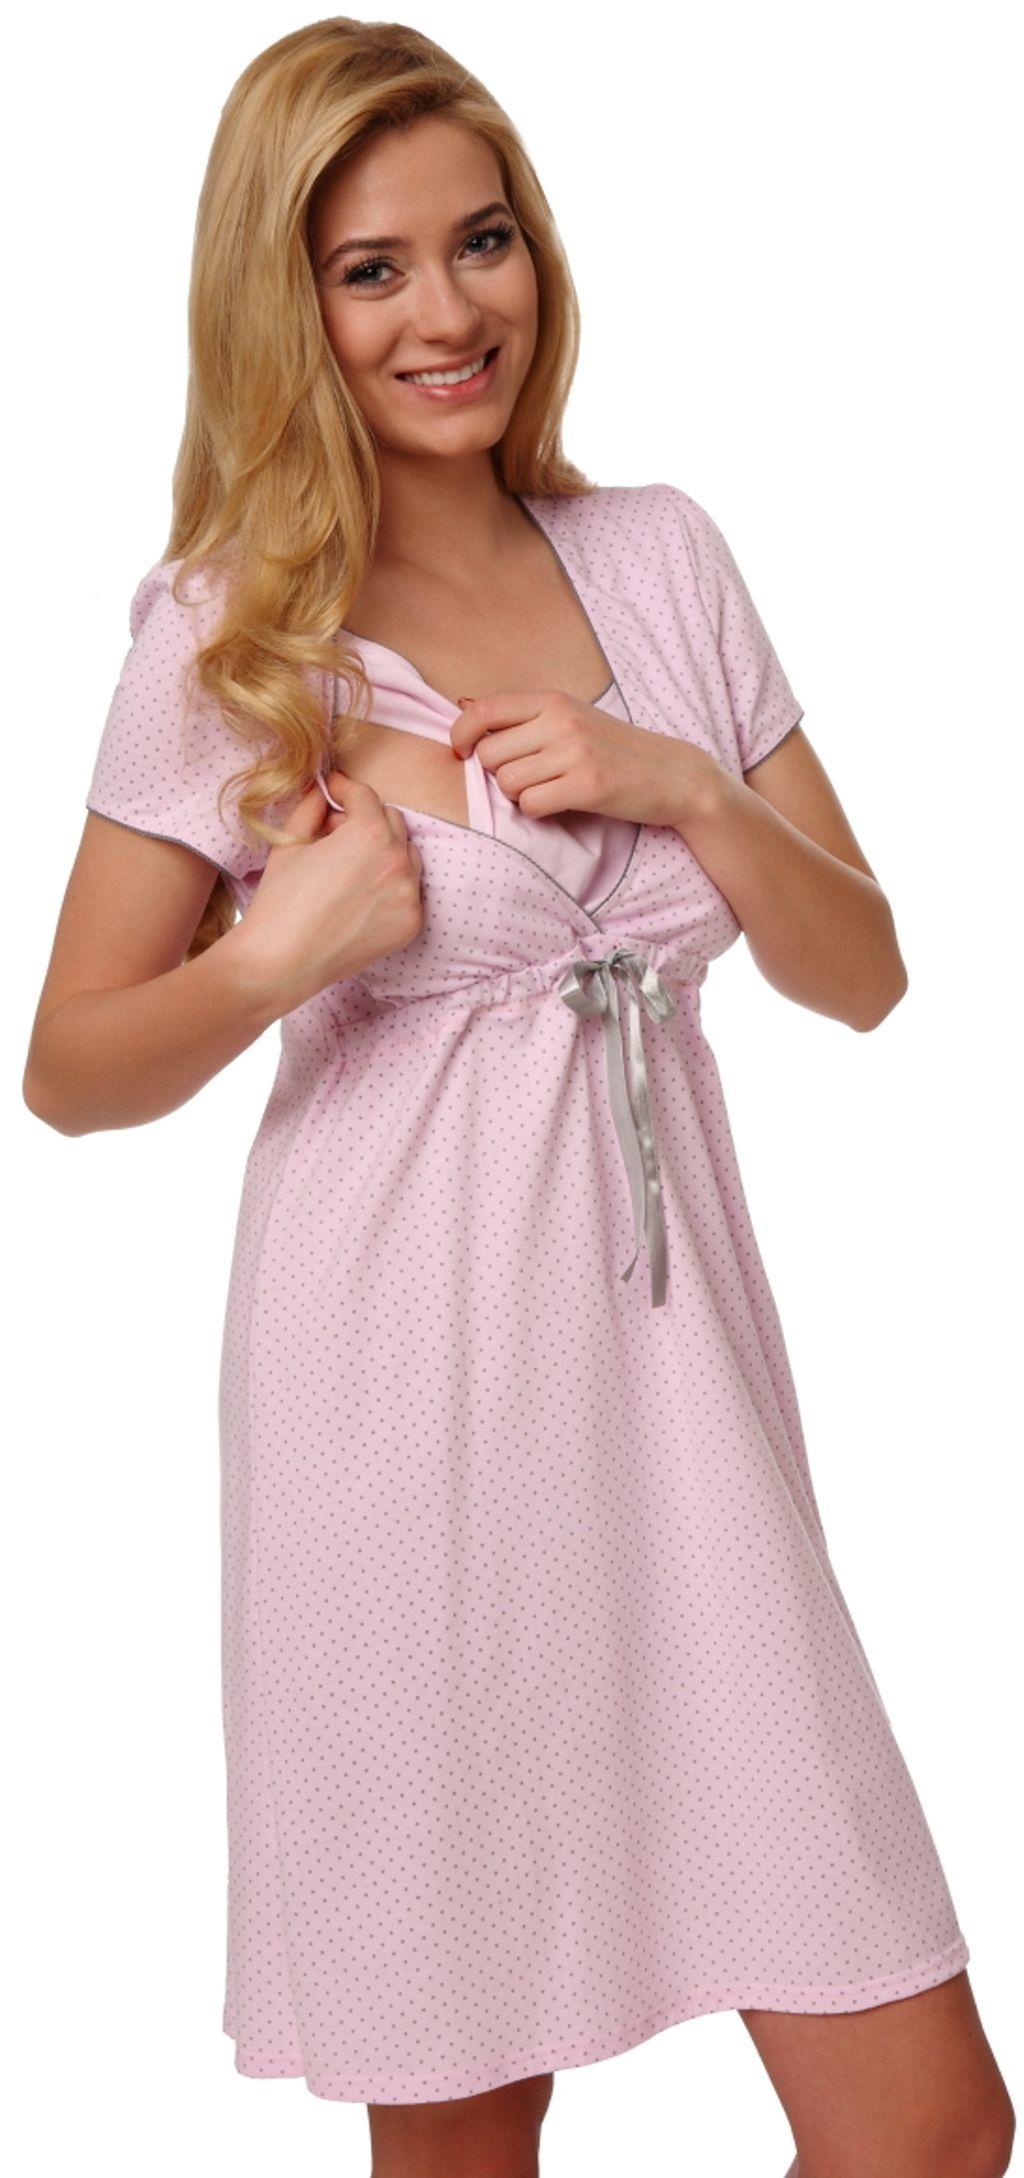 Italian fashion Koszula nocna felicita krótki rękaw różowa r. L 1